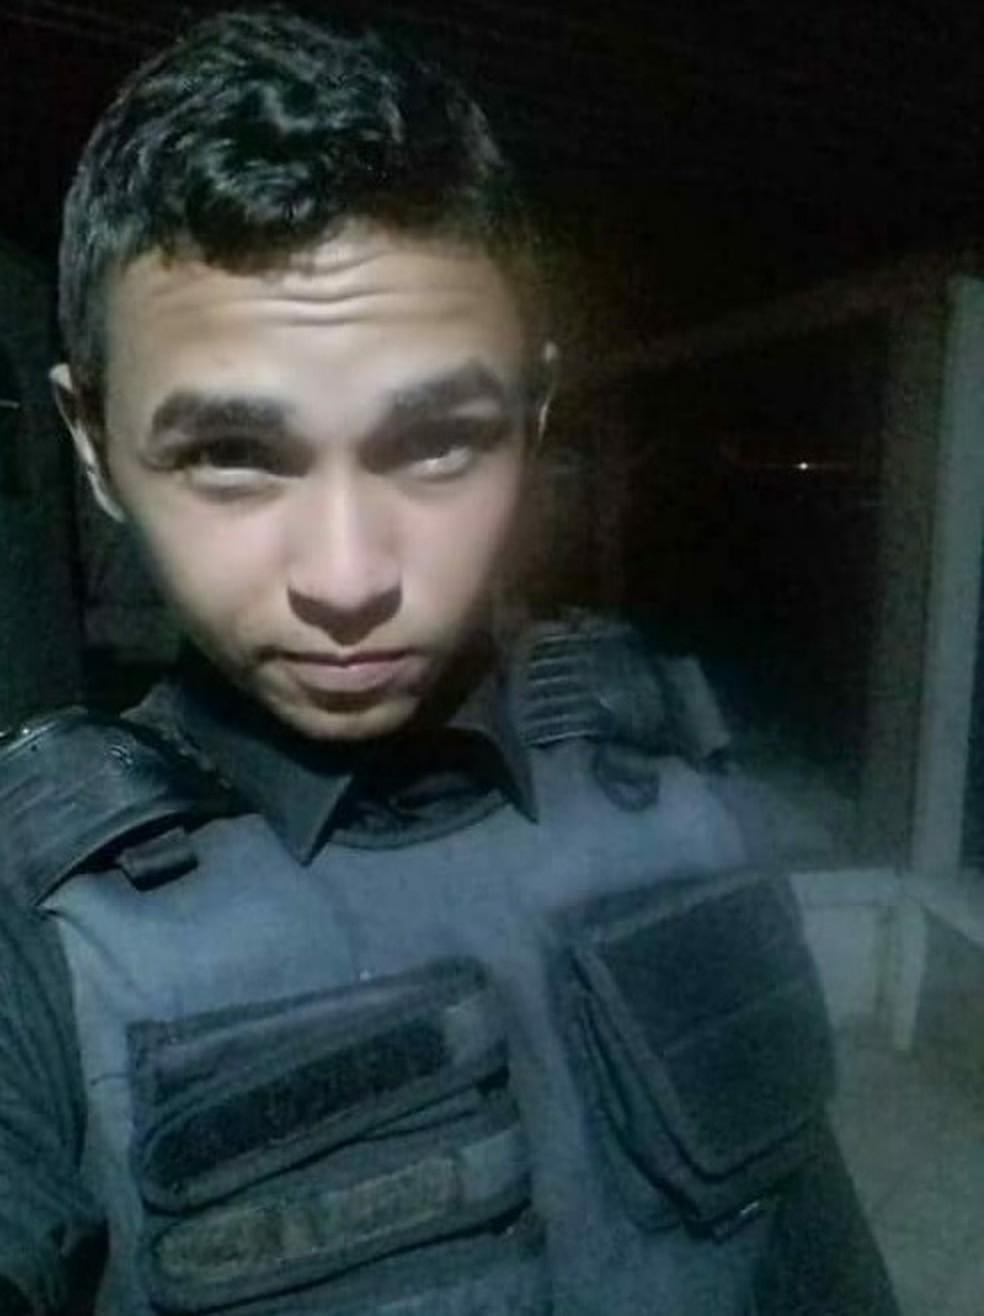 Jovem foi morto a tiros em Nísia Floresta (Foto: PM/Divulgação)